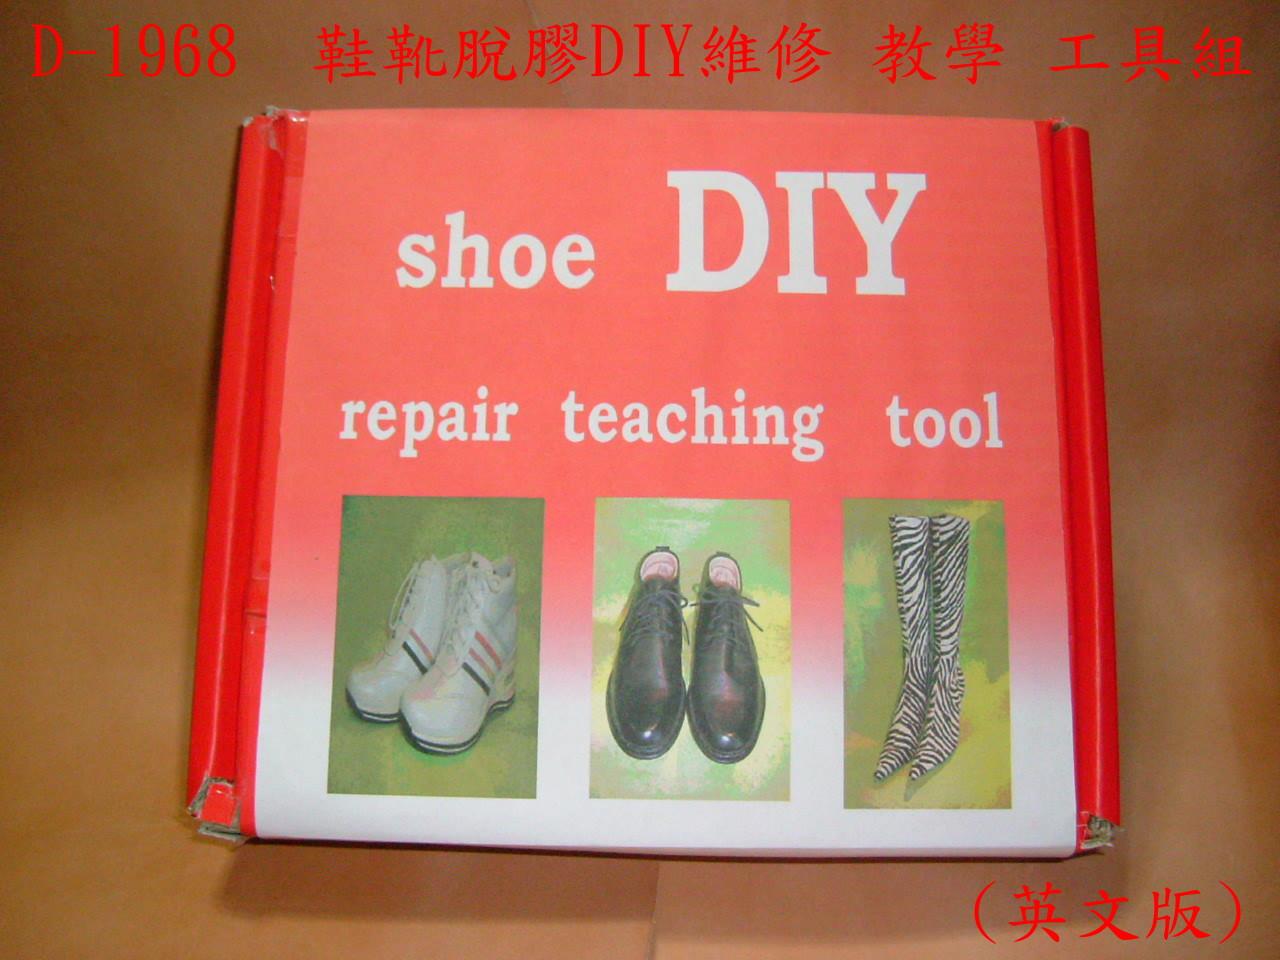 DIY shos to repair